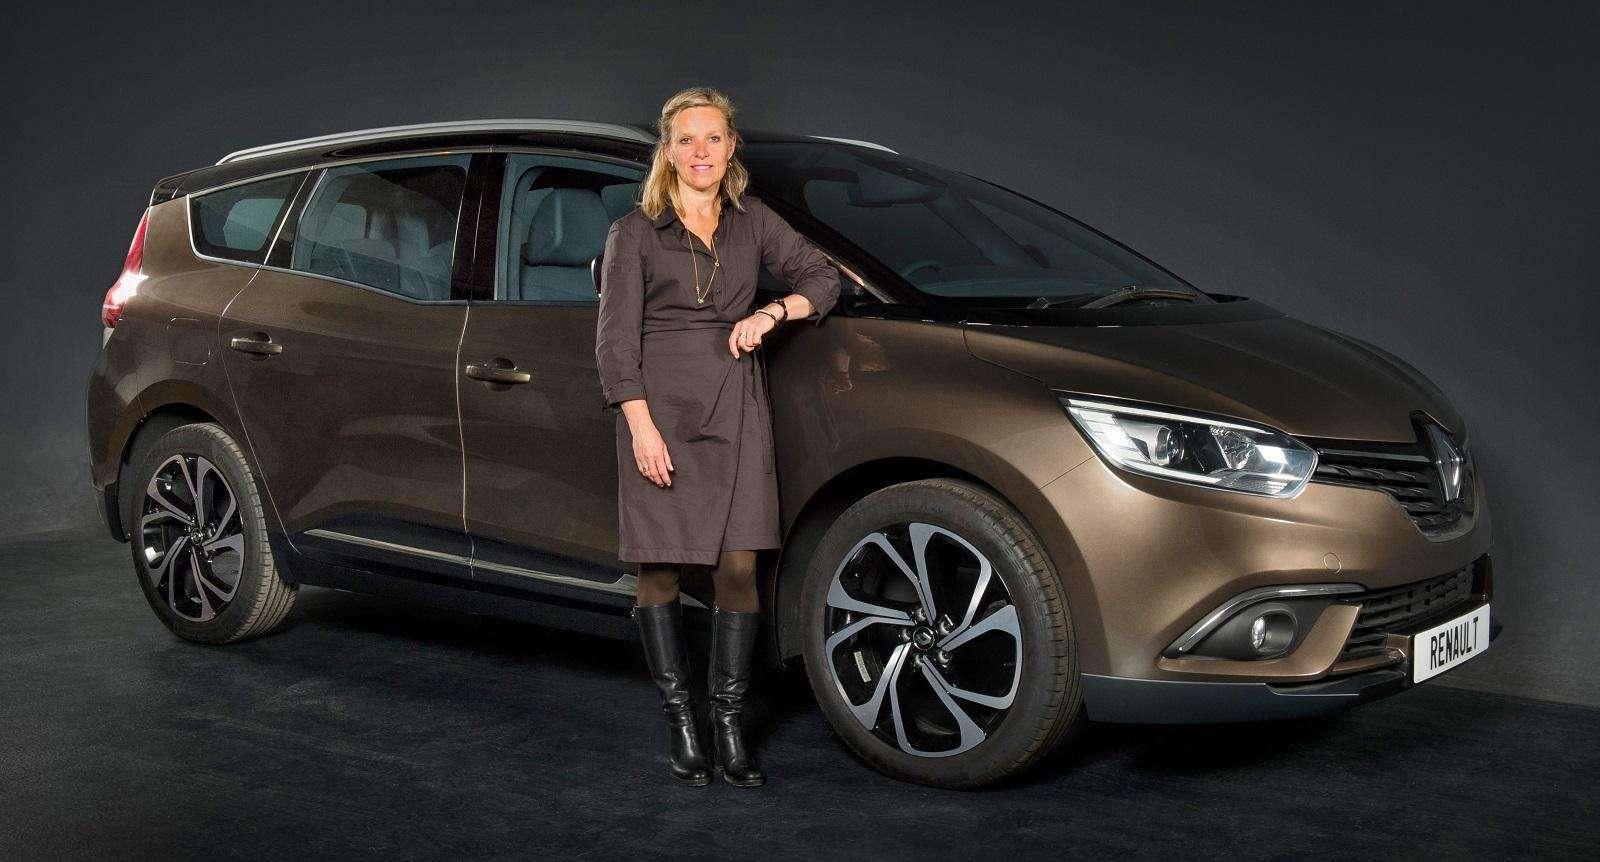 Renault apresenta nova Grand Scénic, mais espaçosa e tecnológica